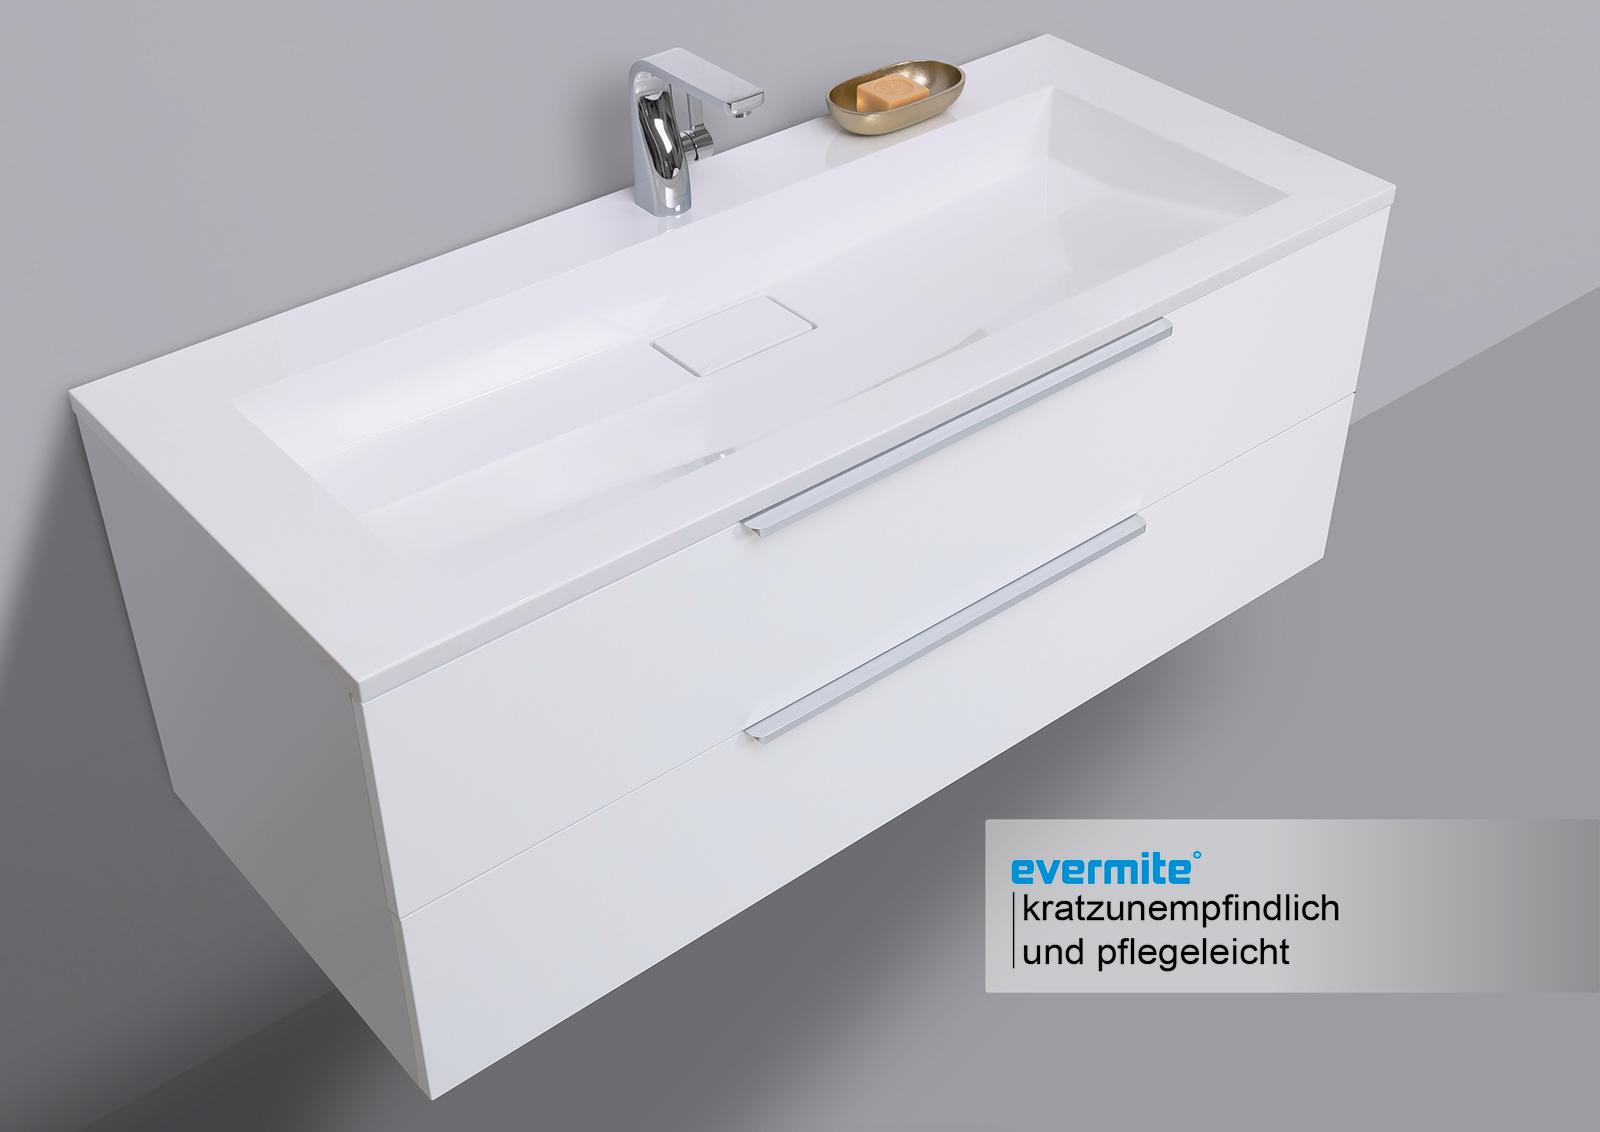 Waschtisch mit unterschrank badm bel set 120 cm evermite for Waschtisch mit unterschrank 120 cm